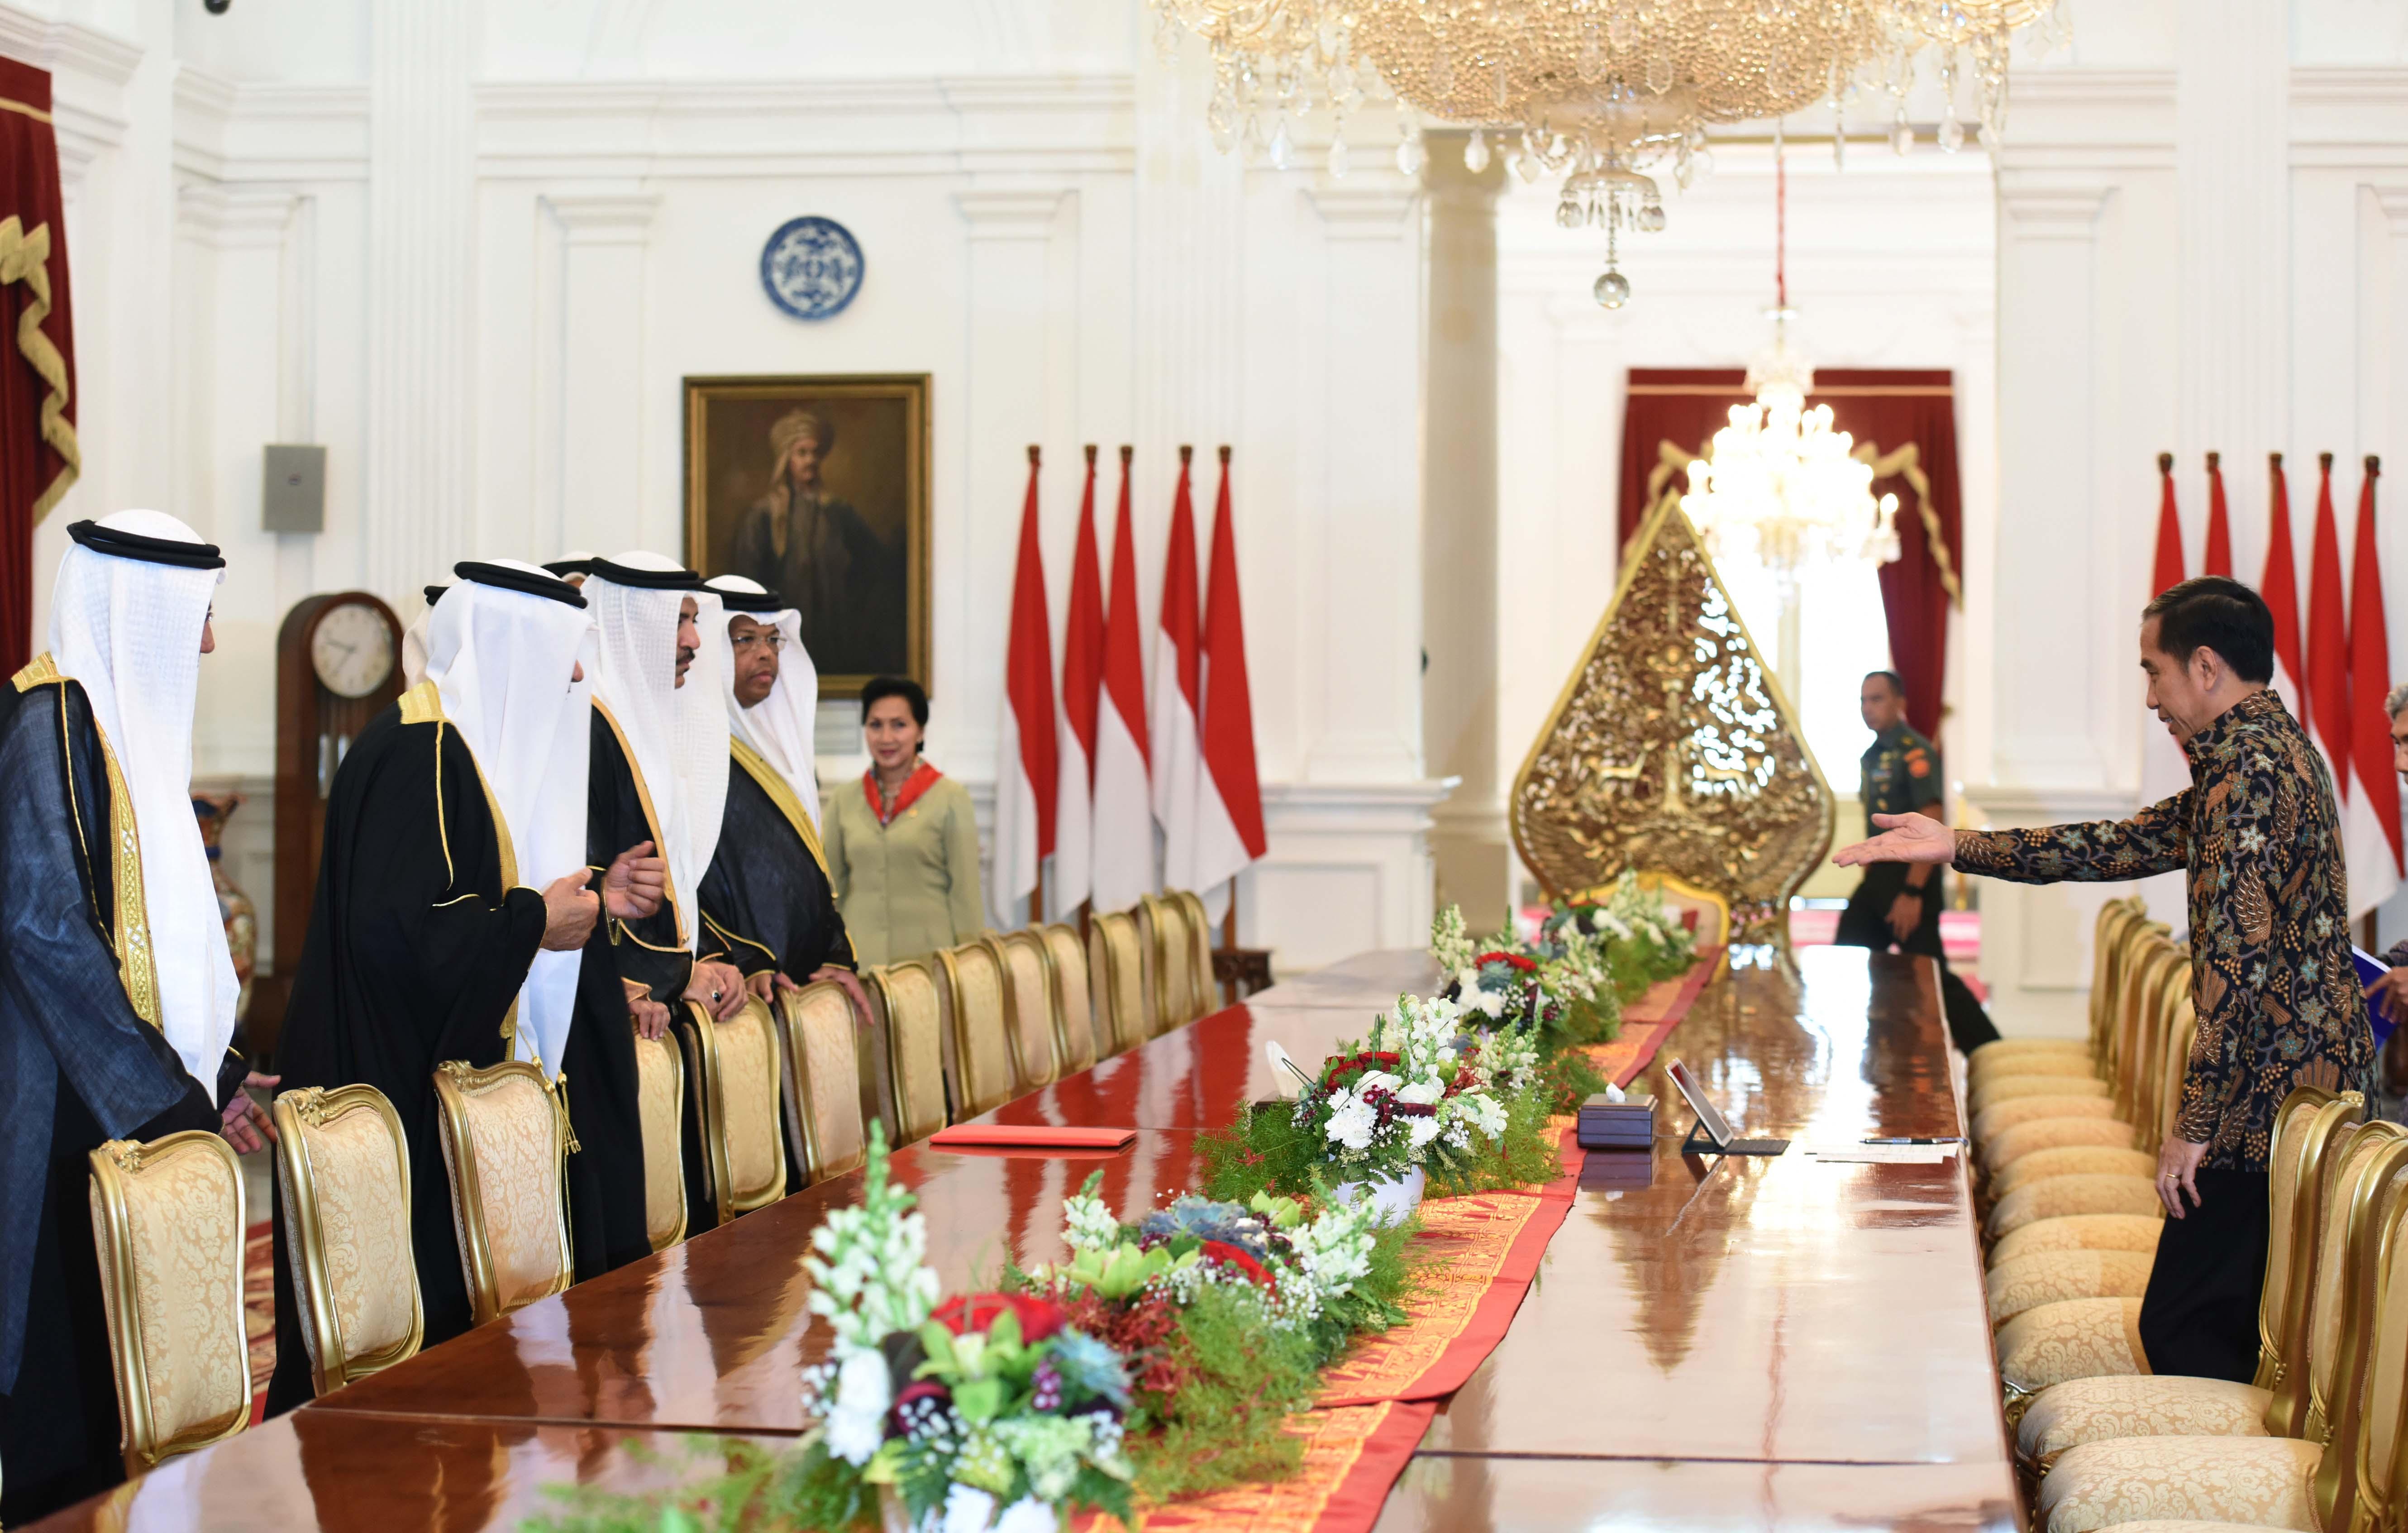 Presiden Jokowi saat menerima kunjungan kehormatan Parlemen Bahrain yang dipimpin ketuanya Ahmed bin Ibrahim Rashed Almulla, di Istana Merdeka, Jakarta, Jumat (31/3). (Foto: Humas/Jay)